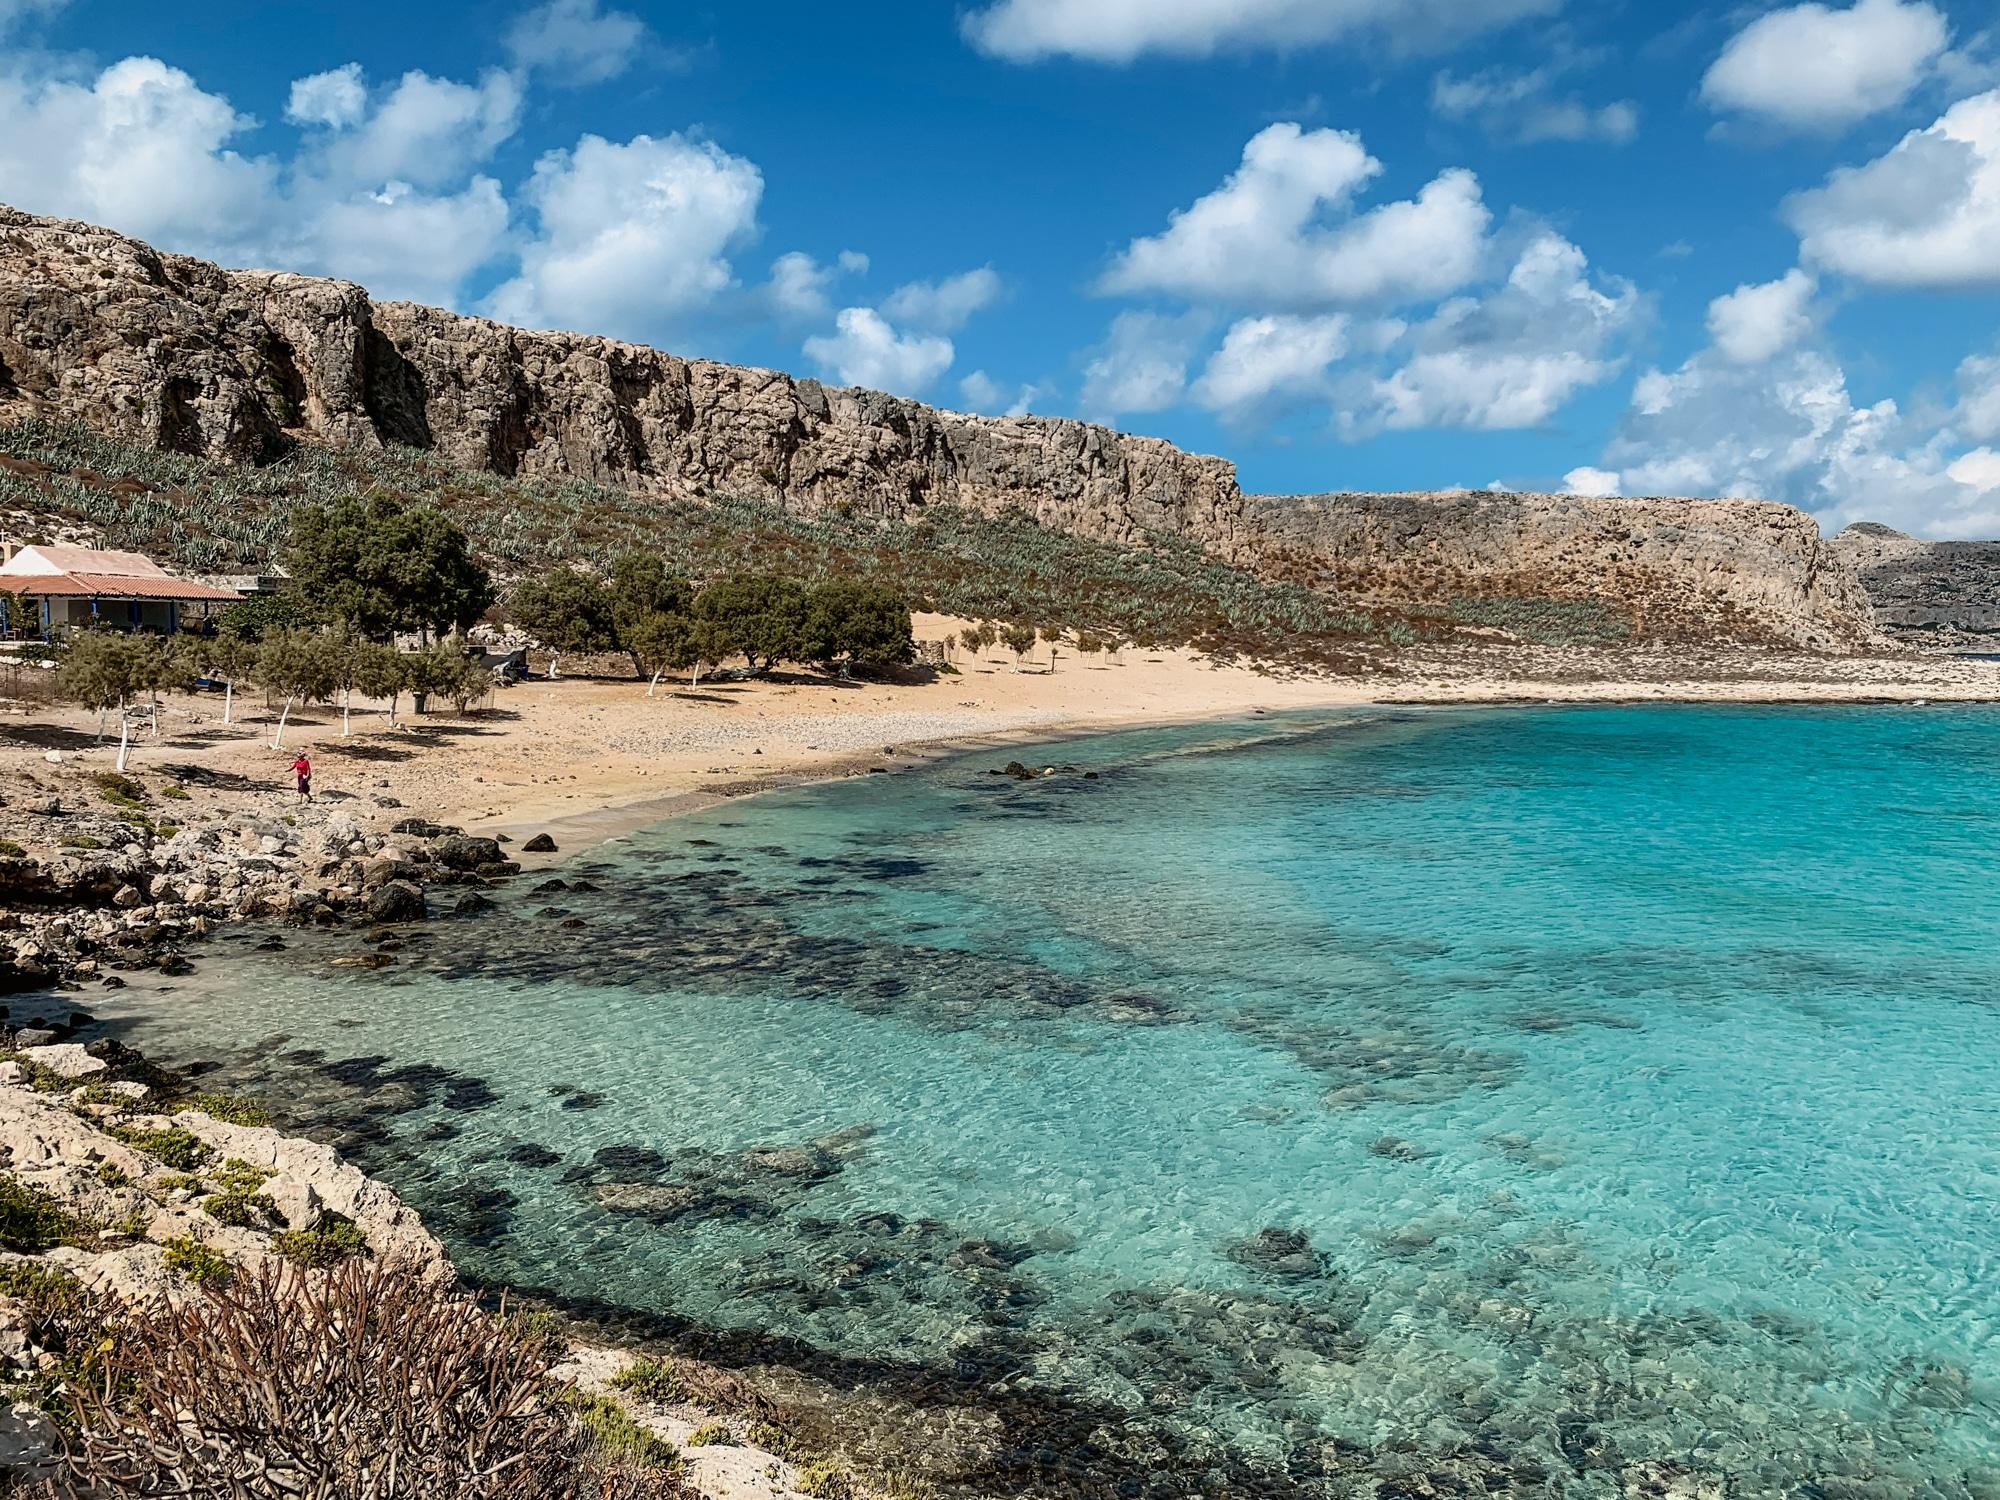 Schönste Strände auf Kreta: Das sind die sechs schönsten Kreta Strände - Gramvousa Pirateninsel